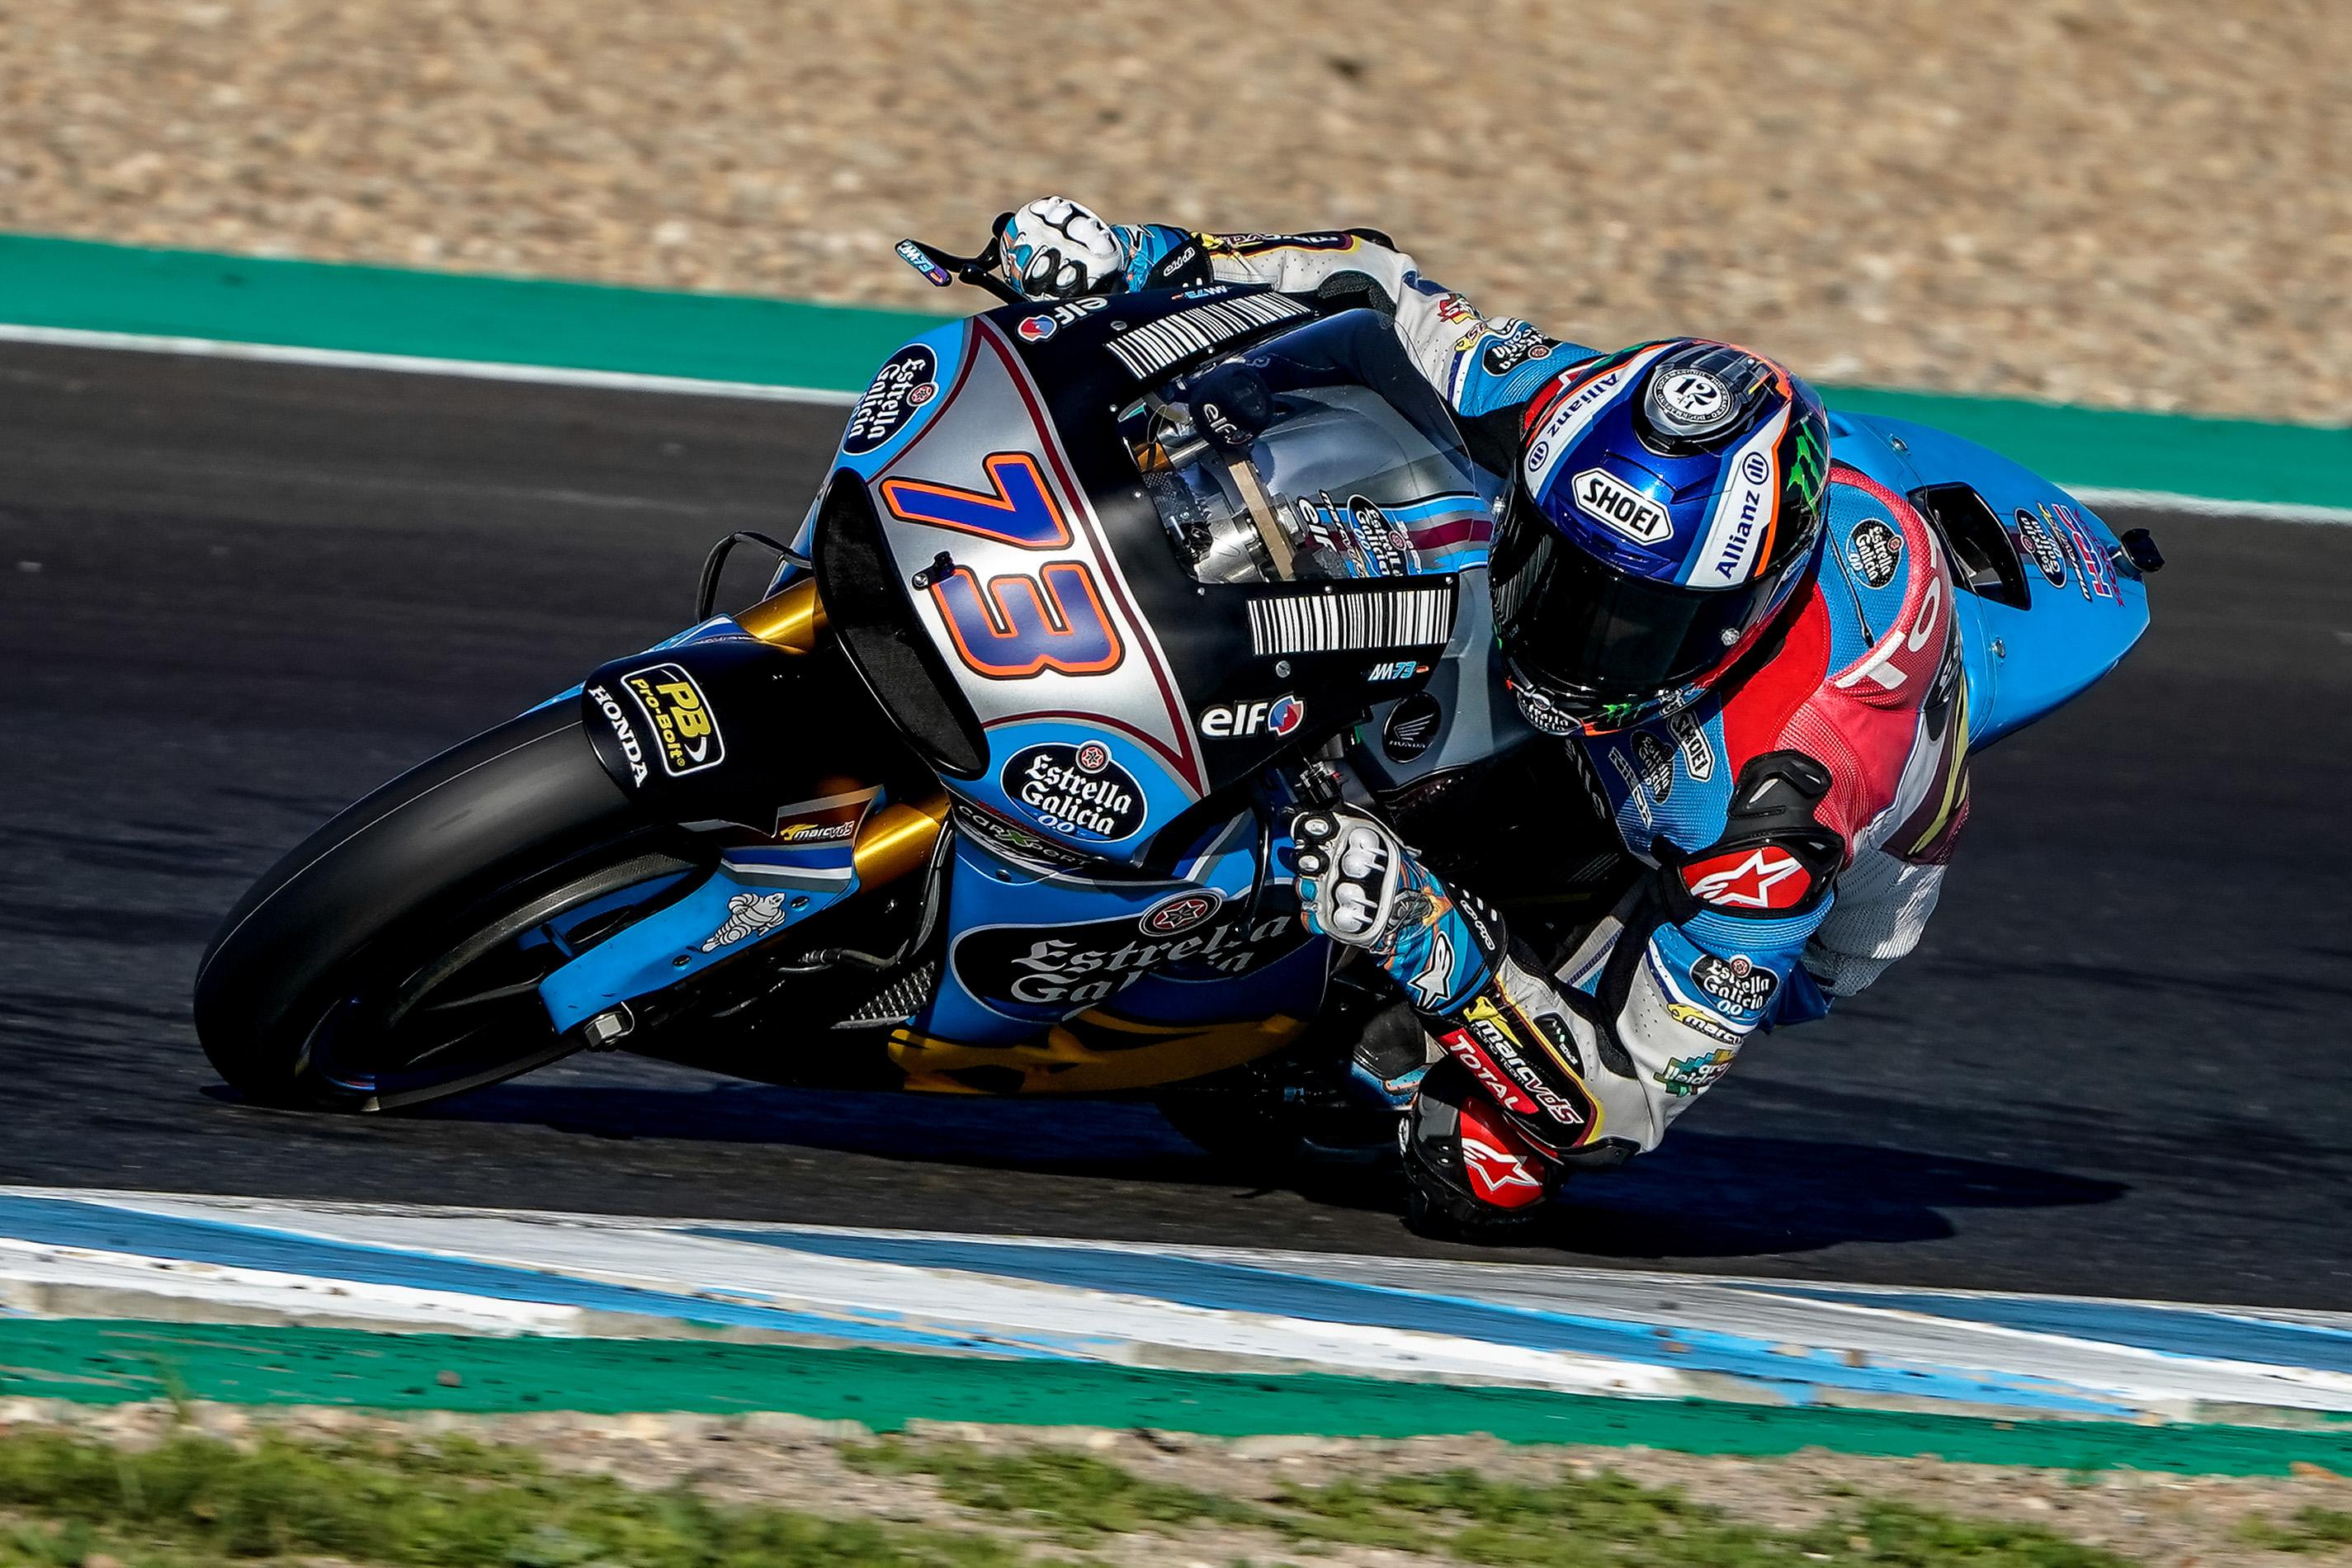 Las sensaciones de Alex Márquez con la MotoGP. Mañana hará todo el día, y va a ir en serio.